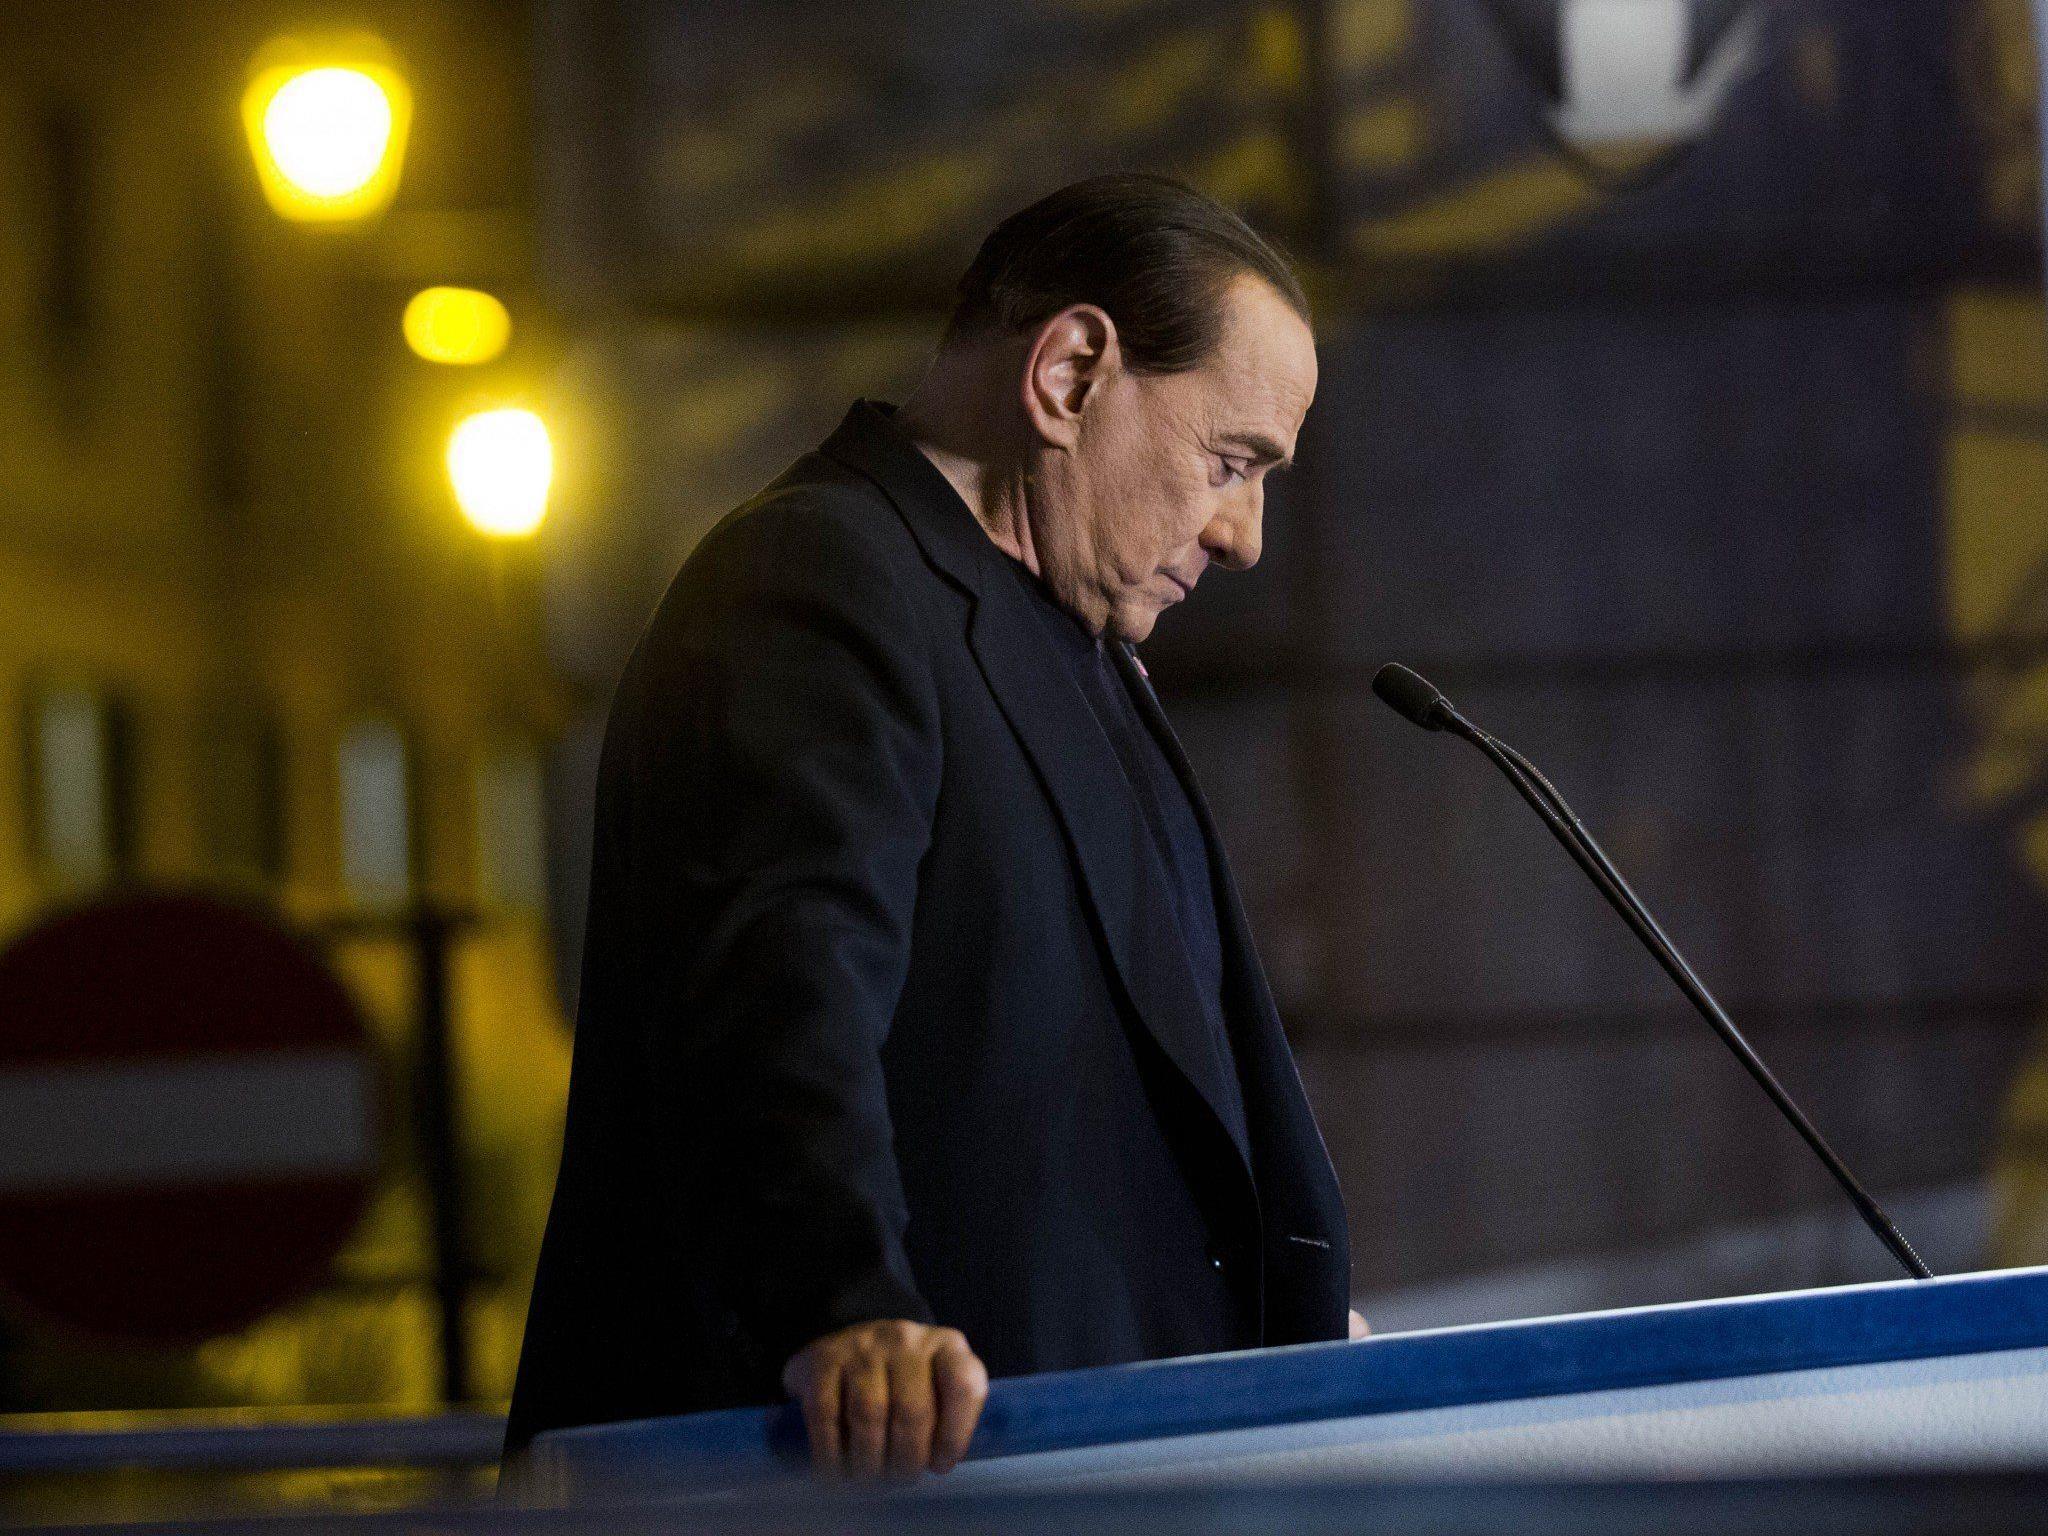 Silvio Berlusconi ist nach Rom gezogen, wo er seinen Sozialdienst antreten möchte.